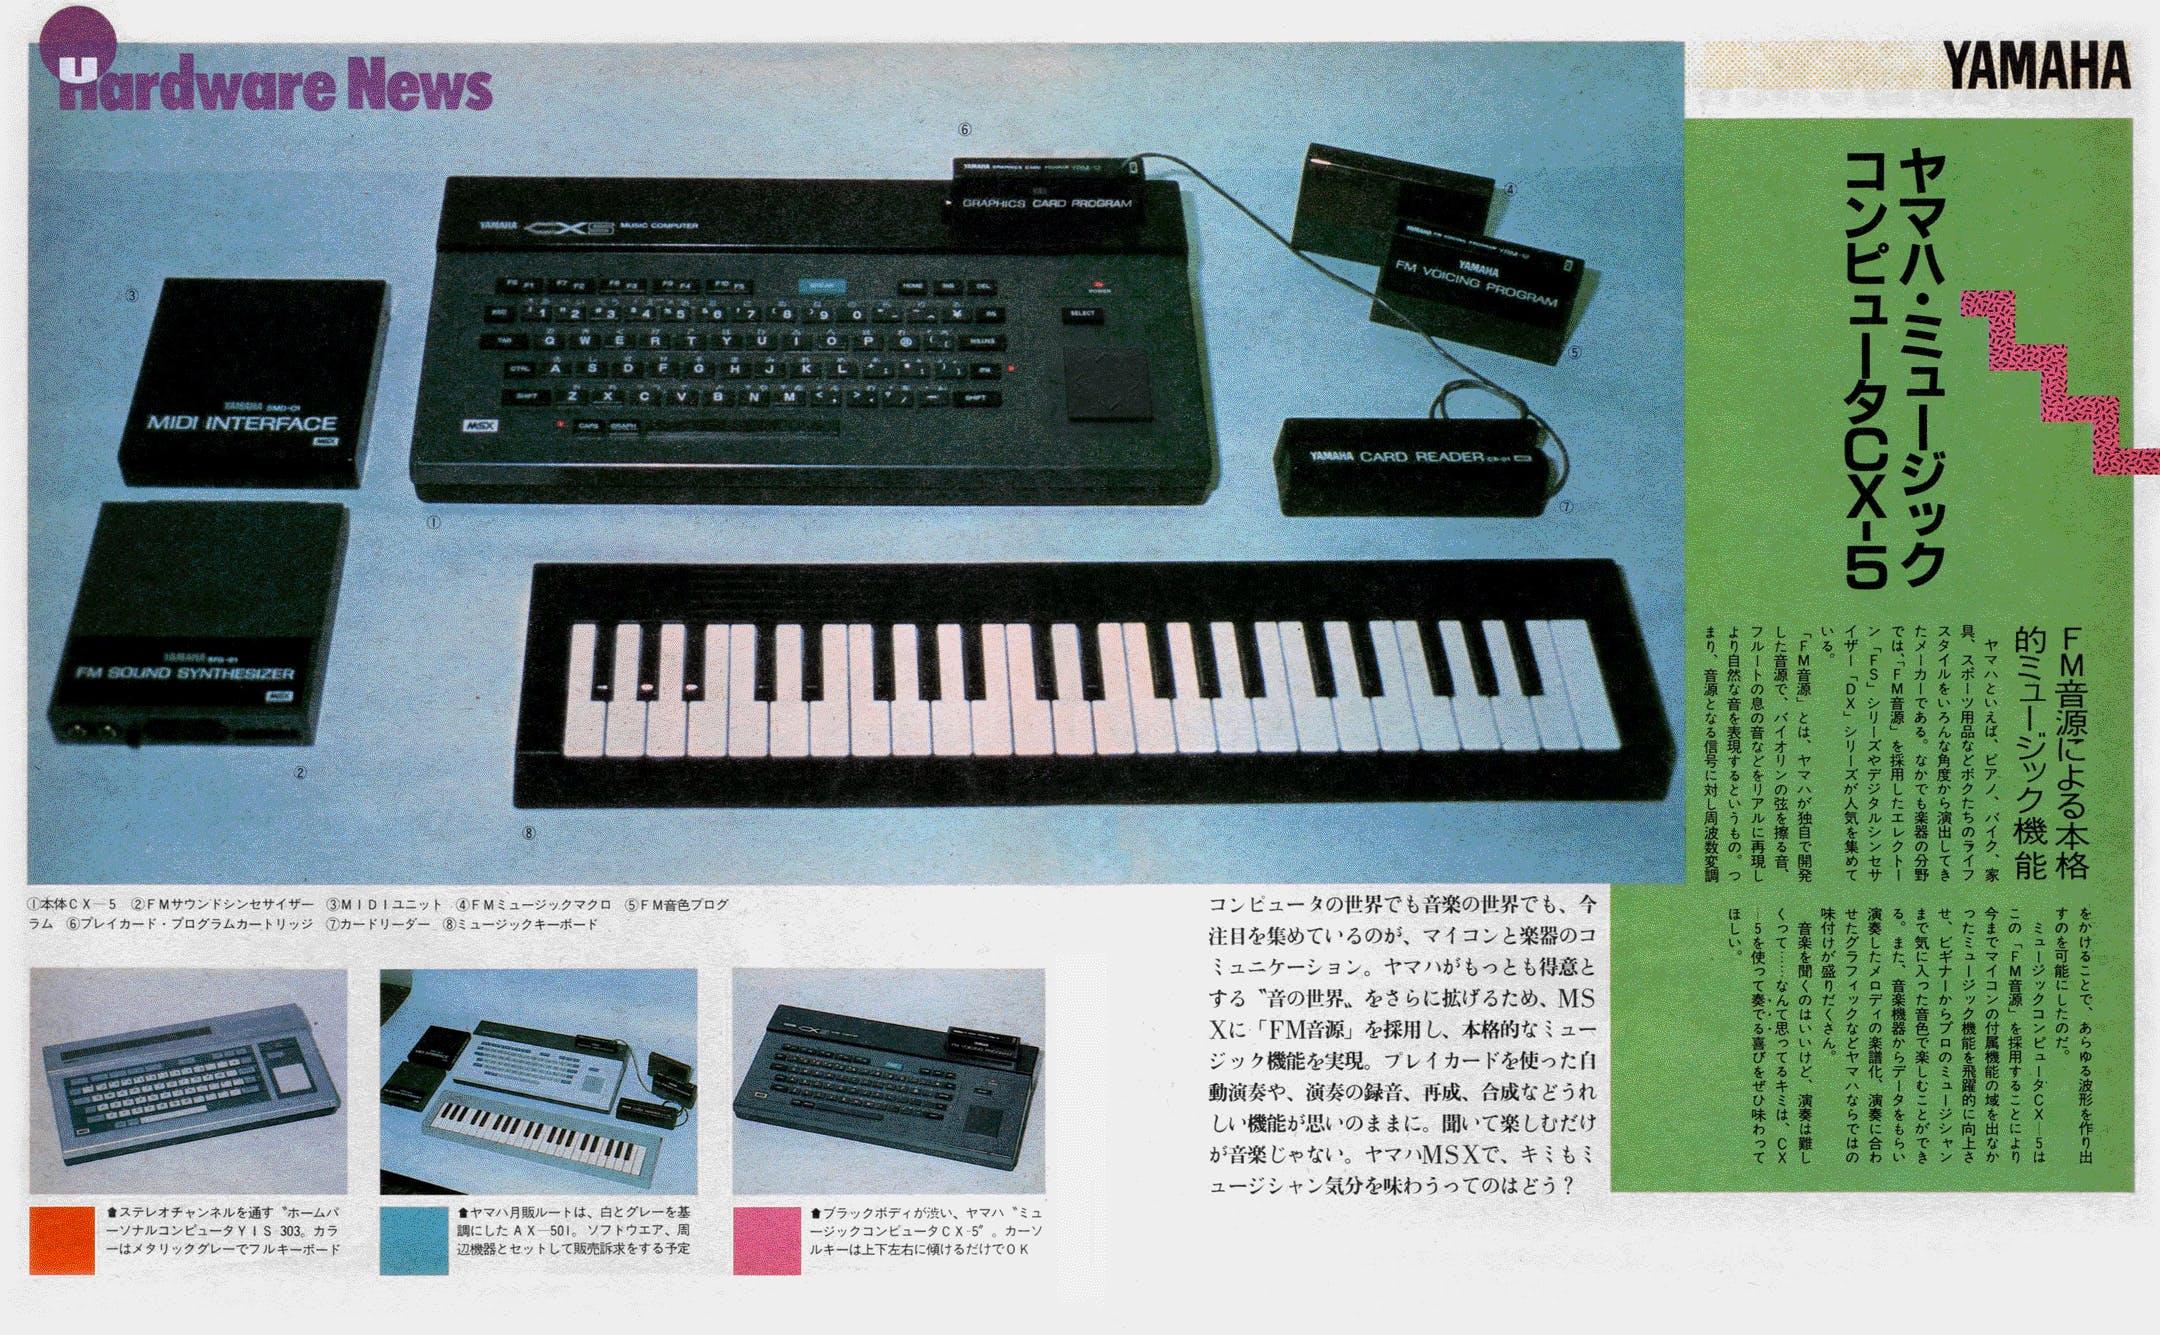 Yamaha MSX 1983 prototype CX5